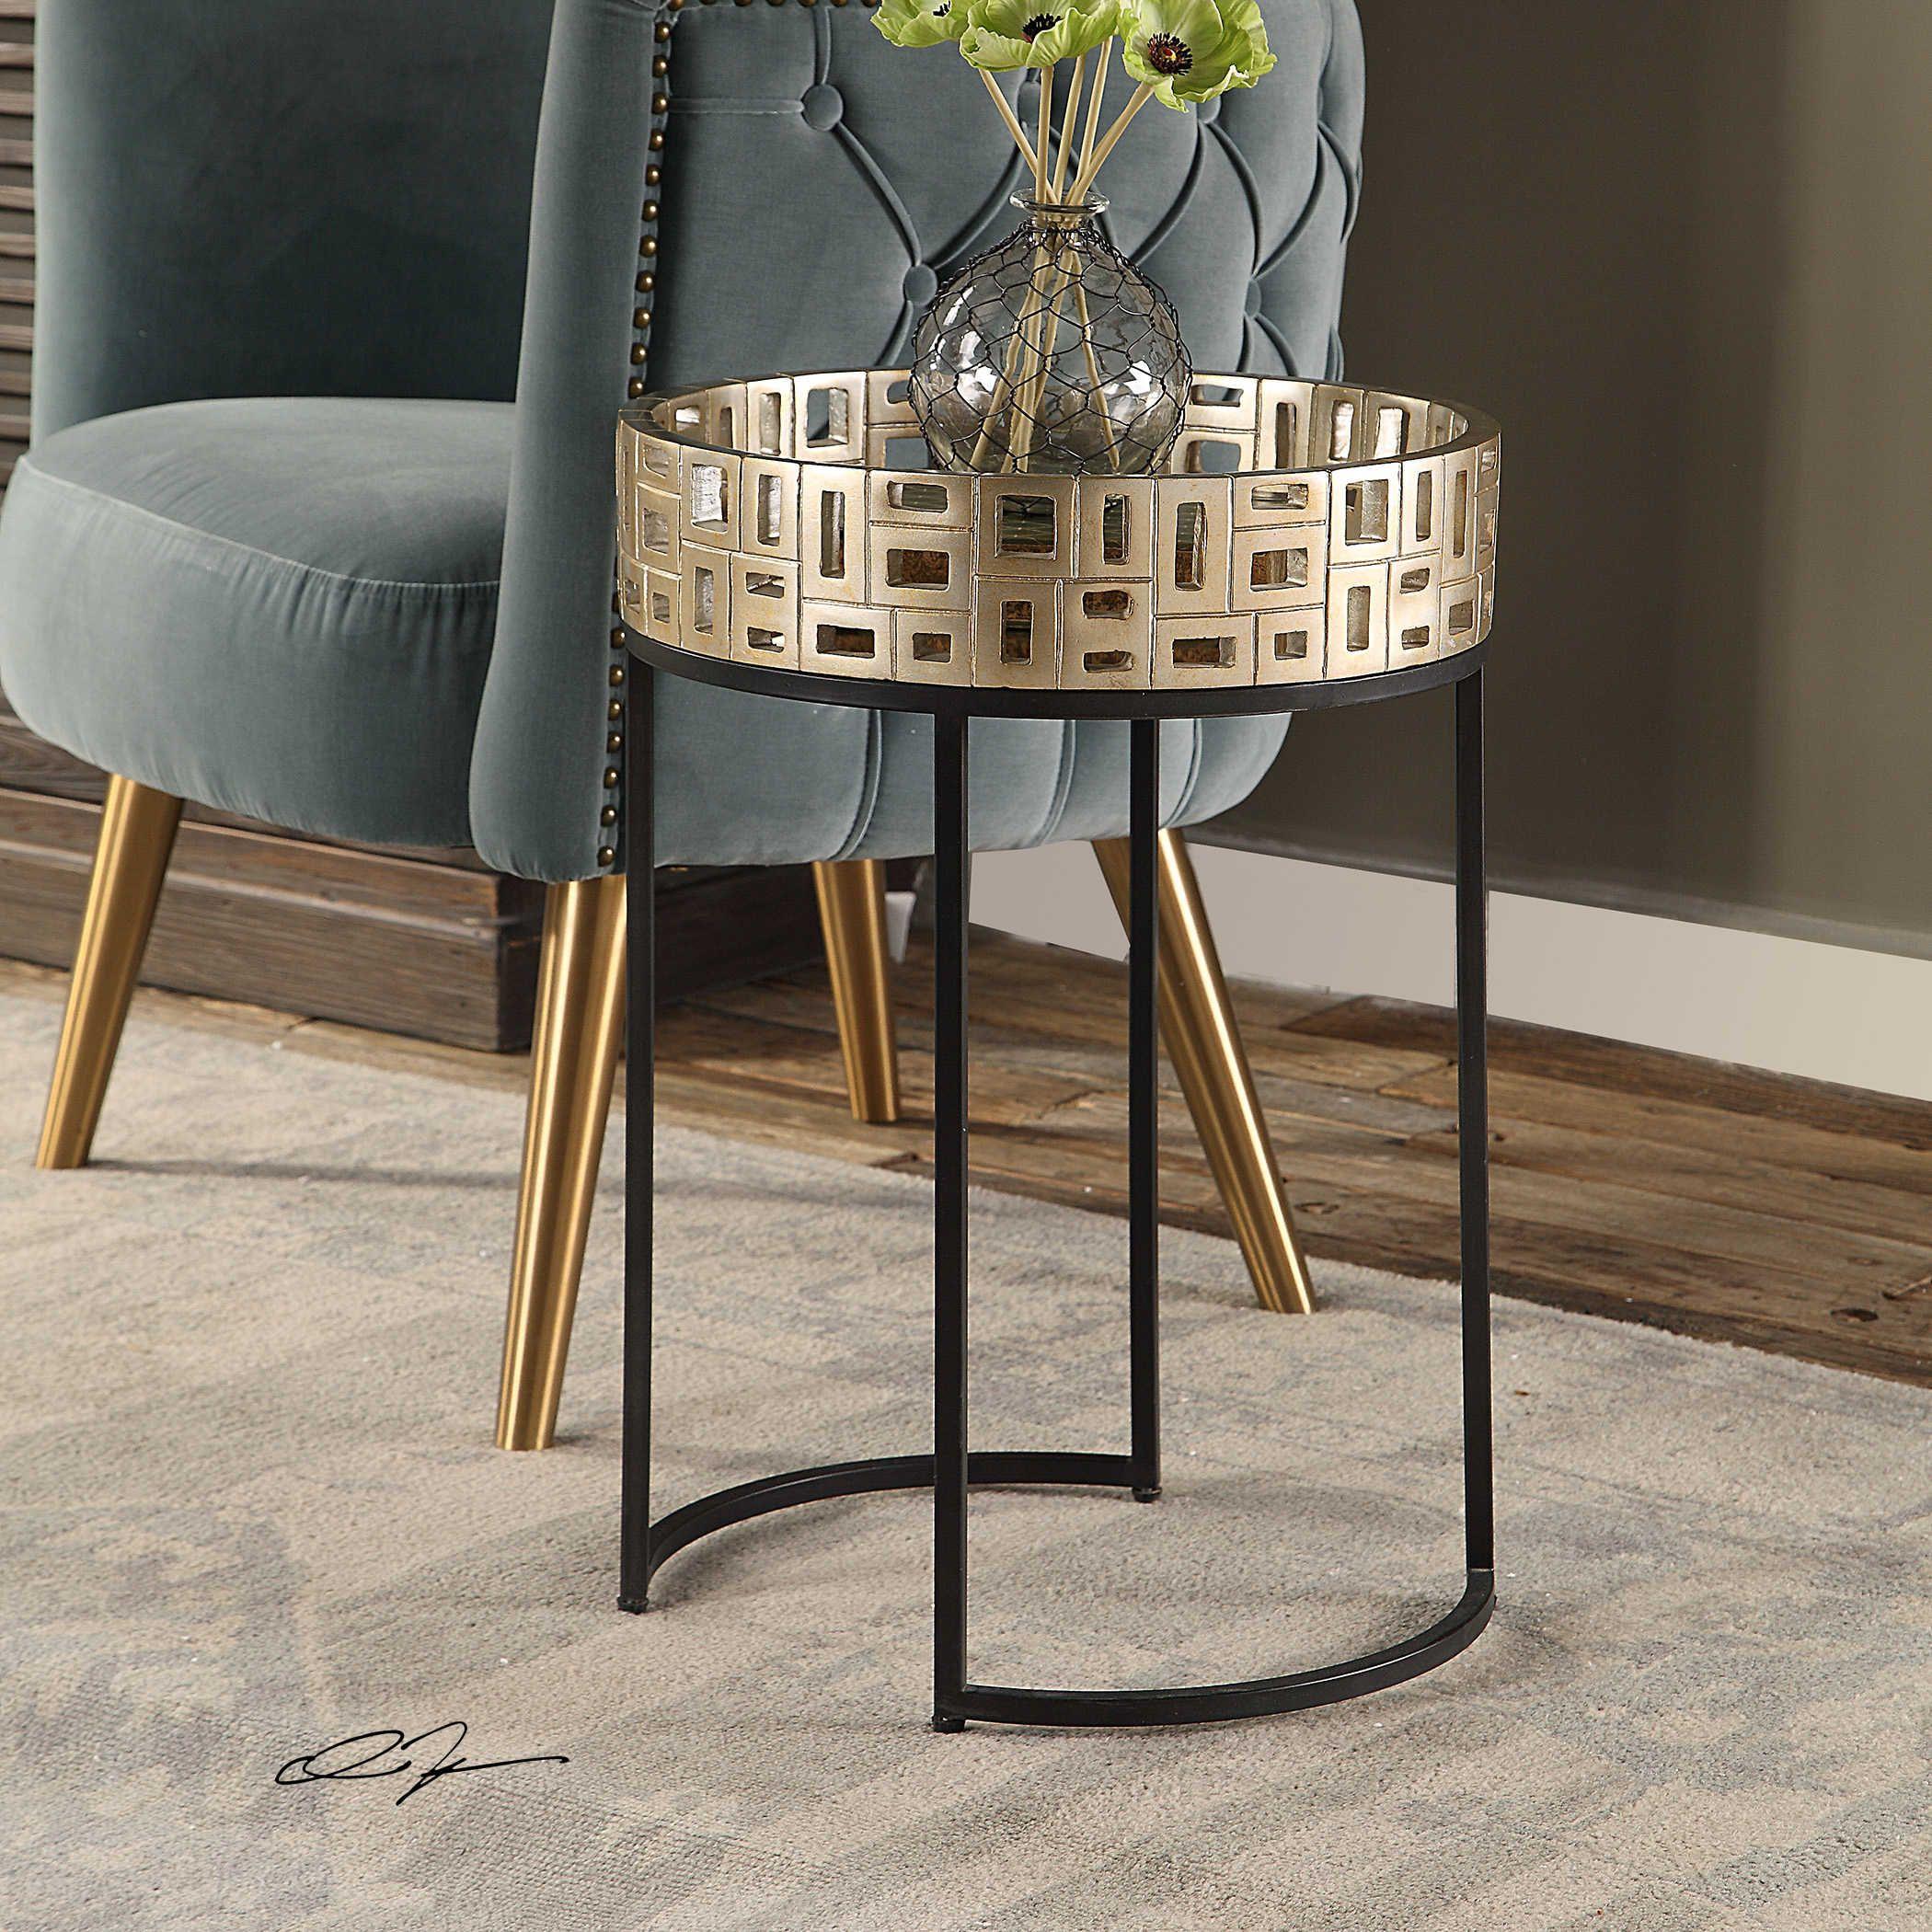 Uttermost Furniture Uttermost Wall Decor Uttermost Mirror